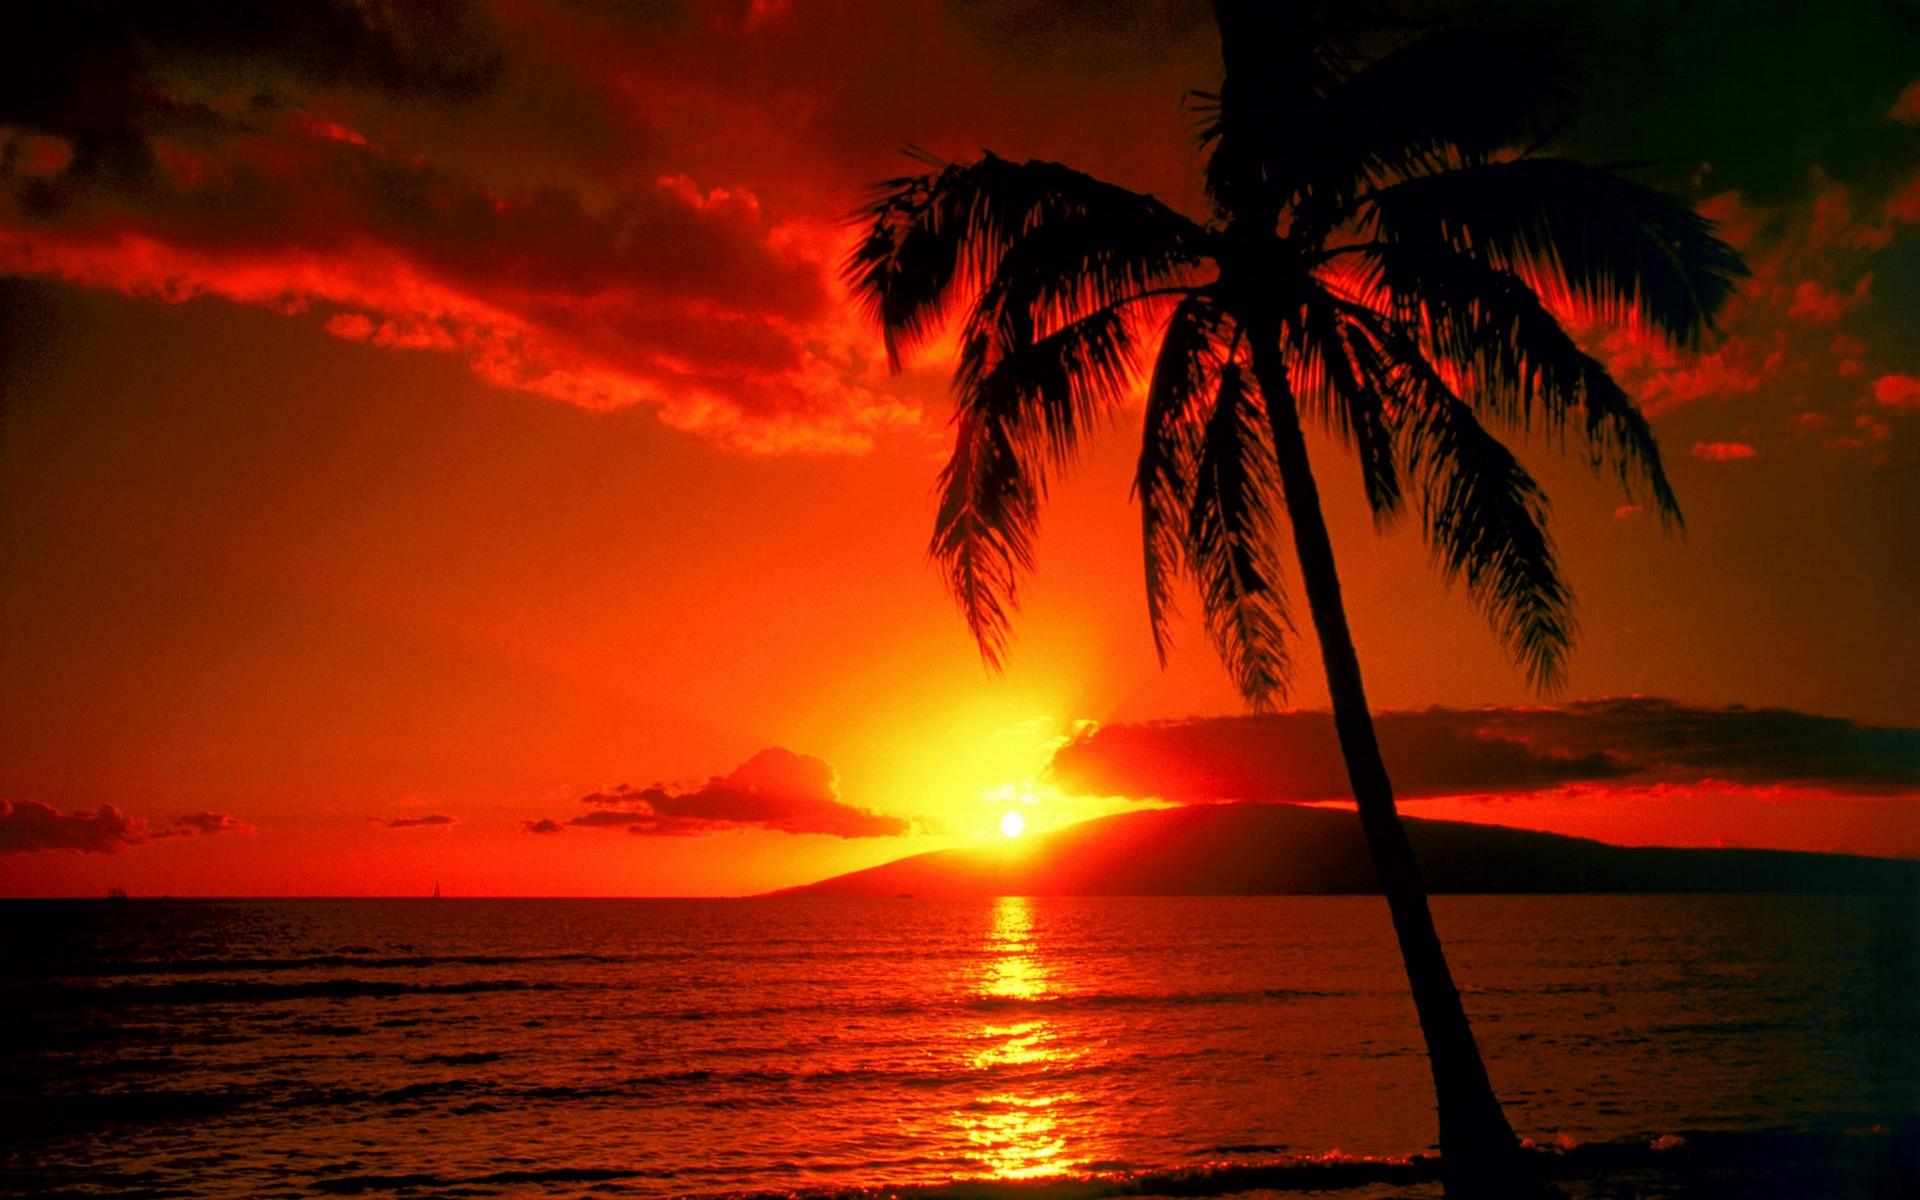 beach sunset wallpaper evening